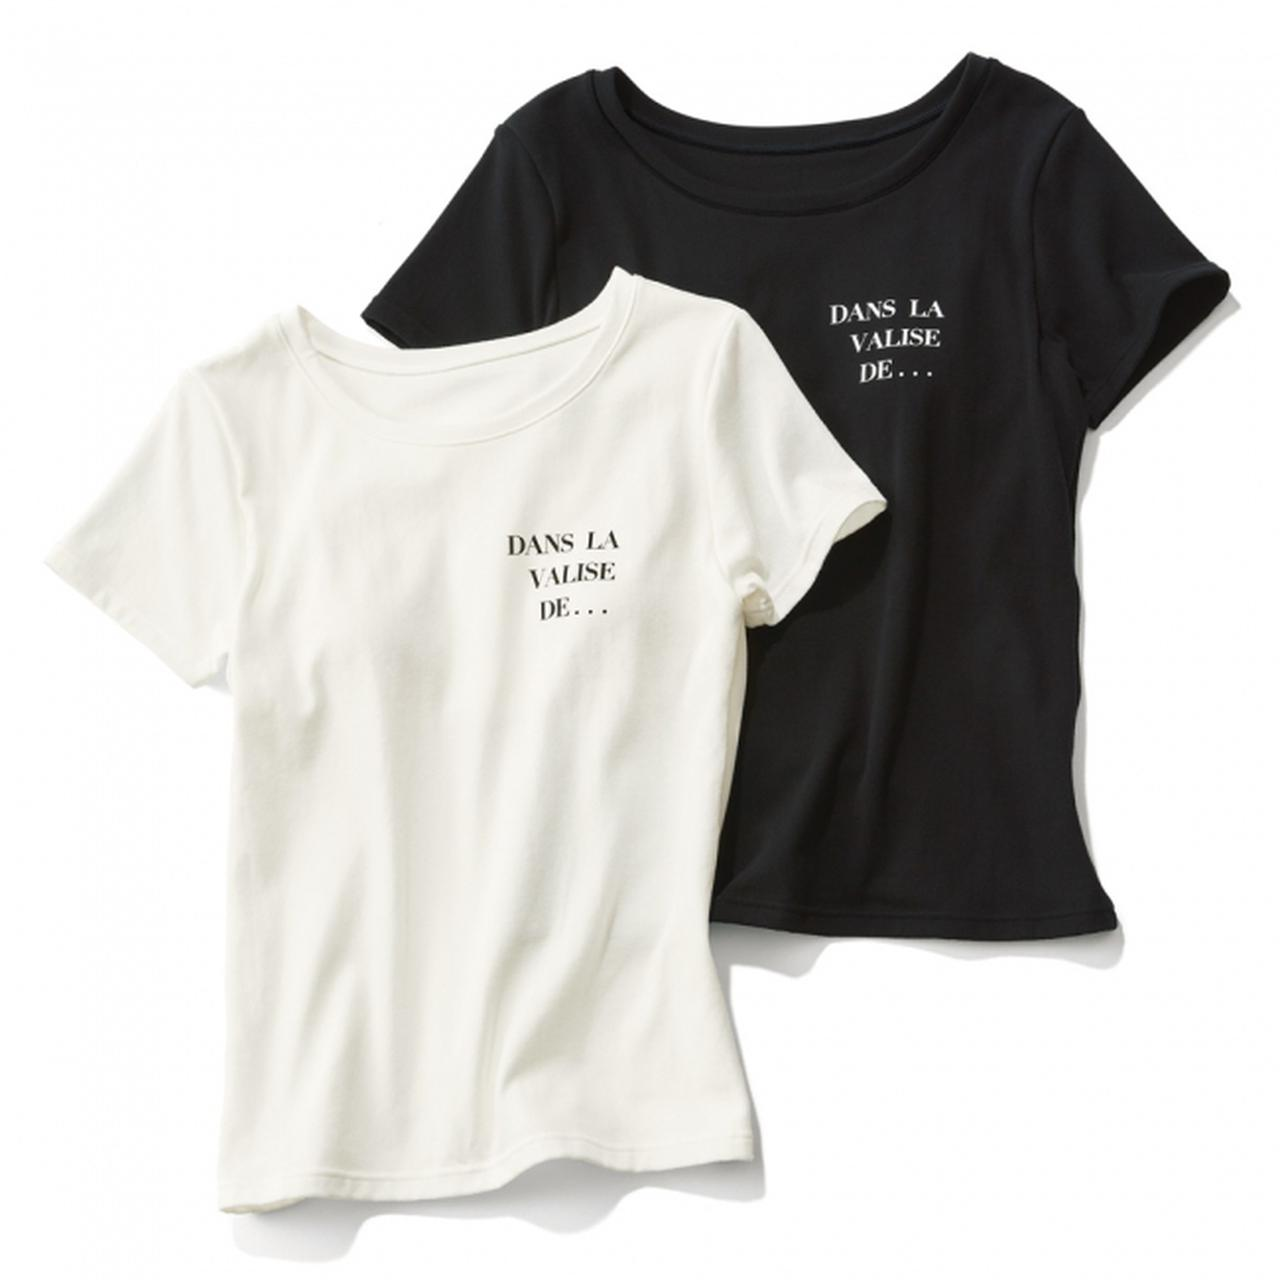 画像19: ディノスのファッションブランド『So close, (ソー クロース,) 』より、2020夏コレクションが新発売